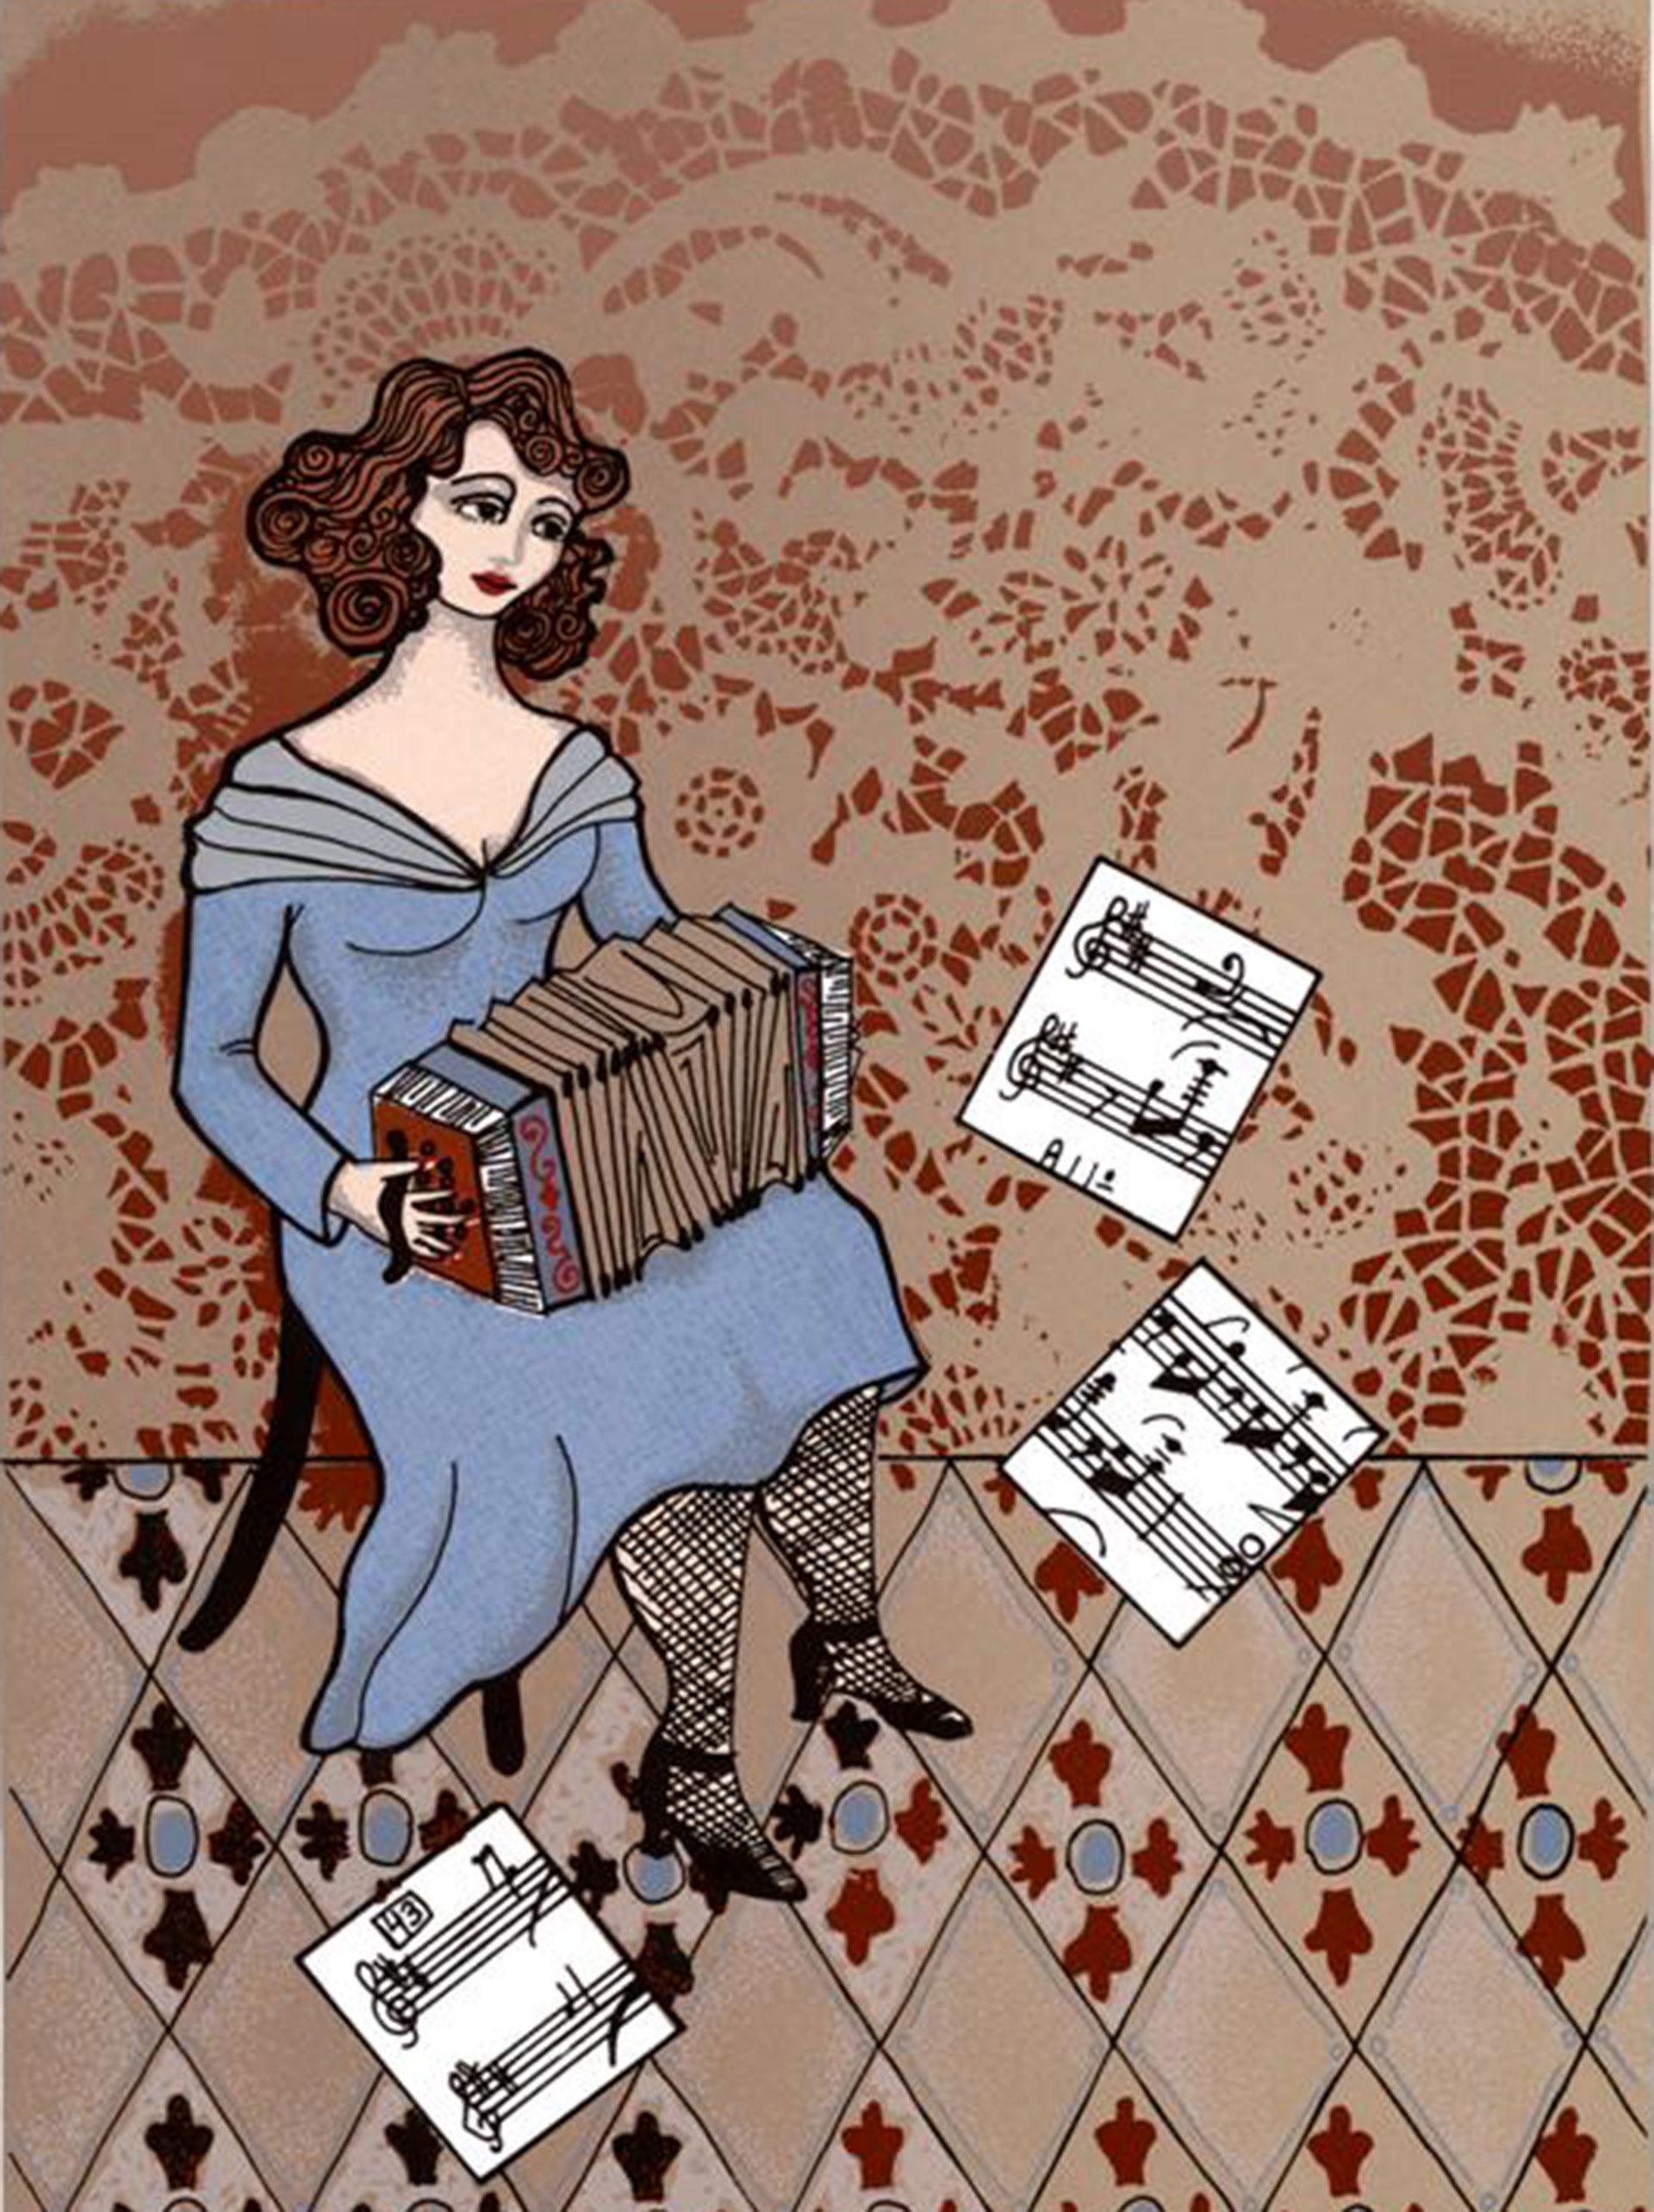 Paquita Bernardo vivió 25 años y fue la creadora de la primera orquesta de tango que integró Osvaldo Pugliese